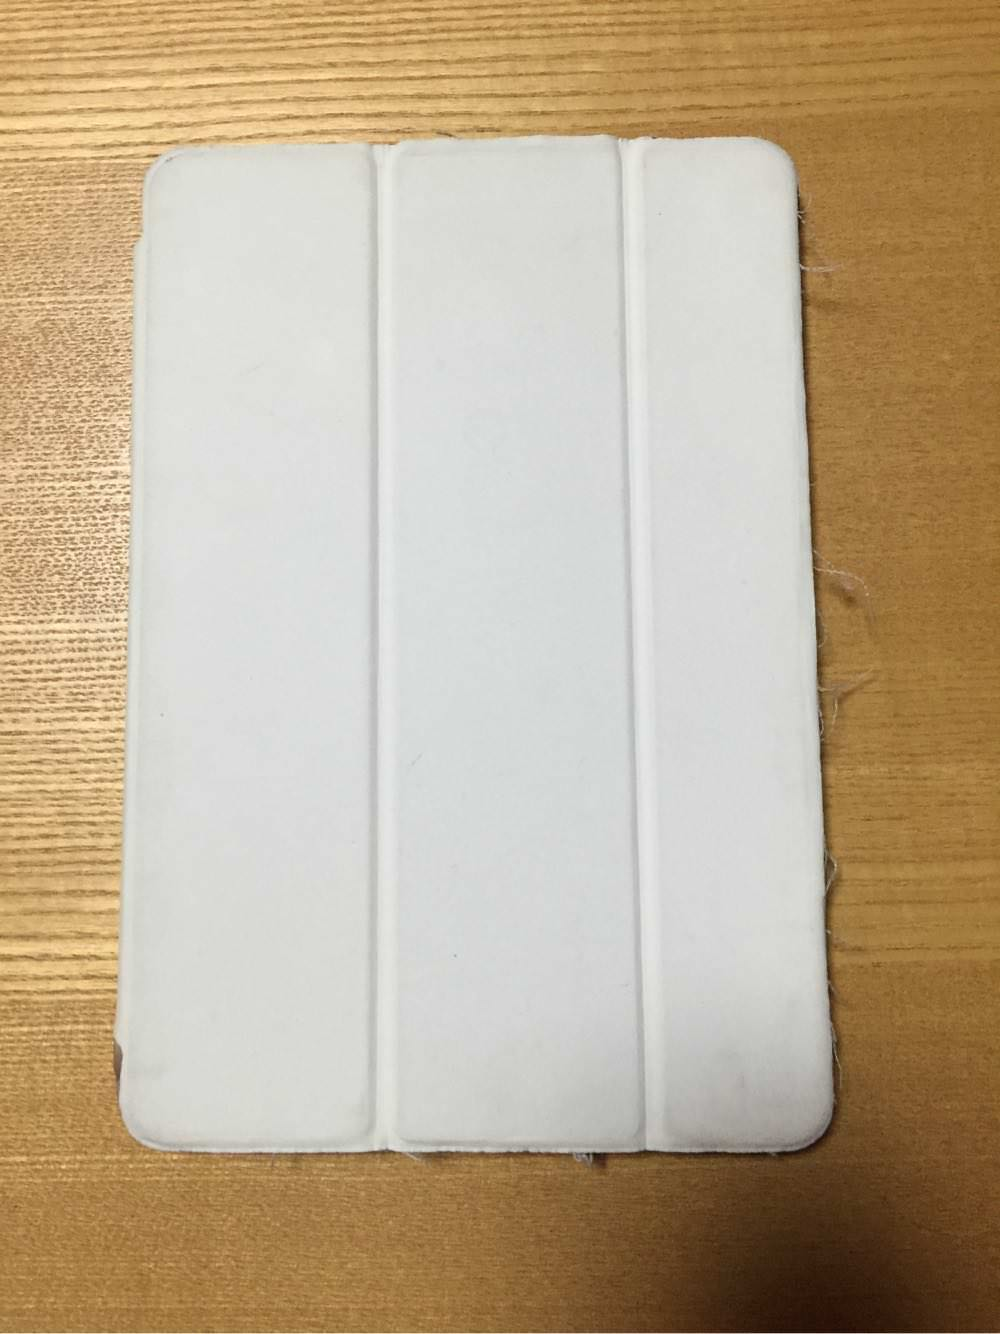 100円ショップで買ったケースで覆われているiPad mini2表